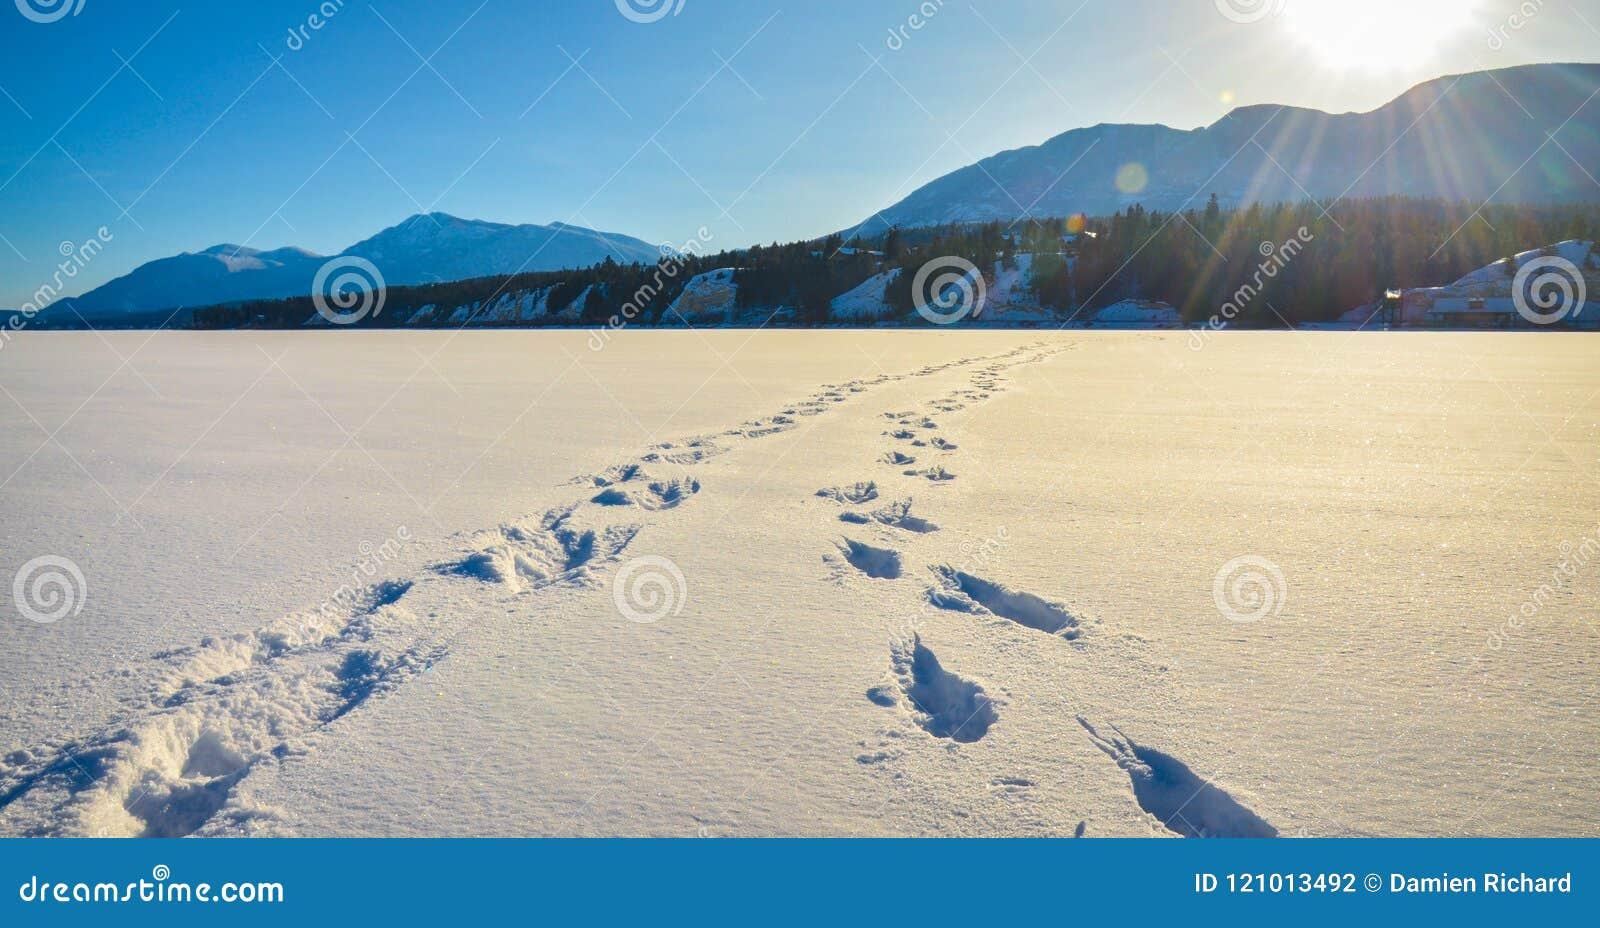 Fuß druckt im Schnee, Winterberglandschaft